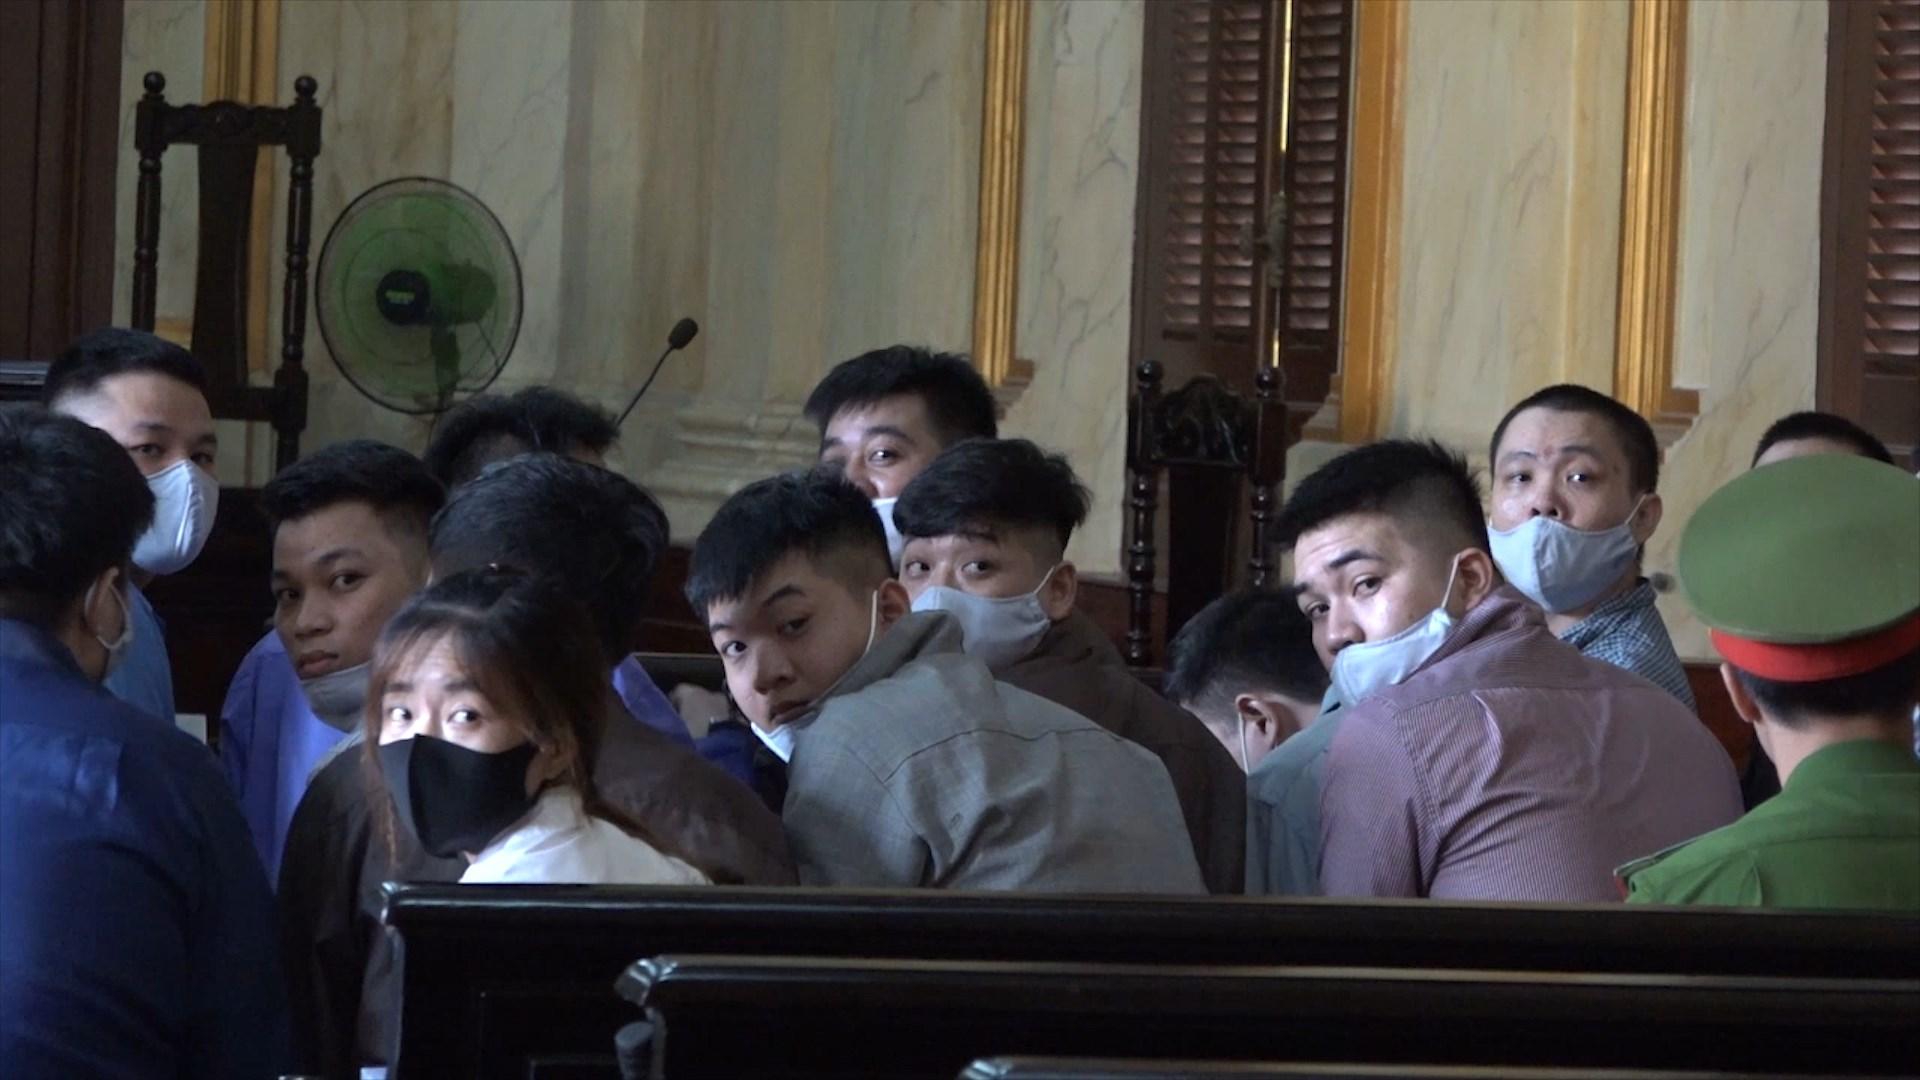 Đồng bọn Tuấn 'Khỉ' bị xét xử